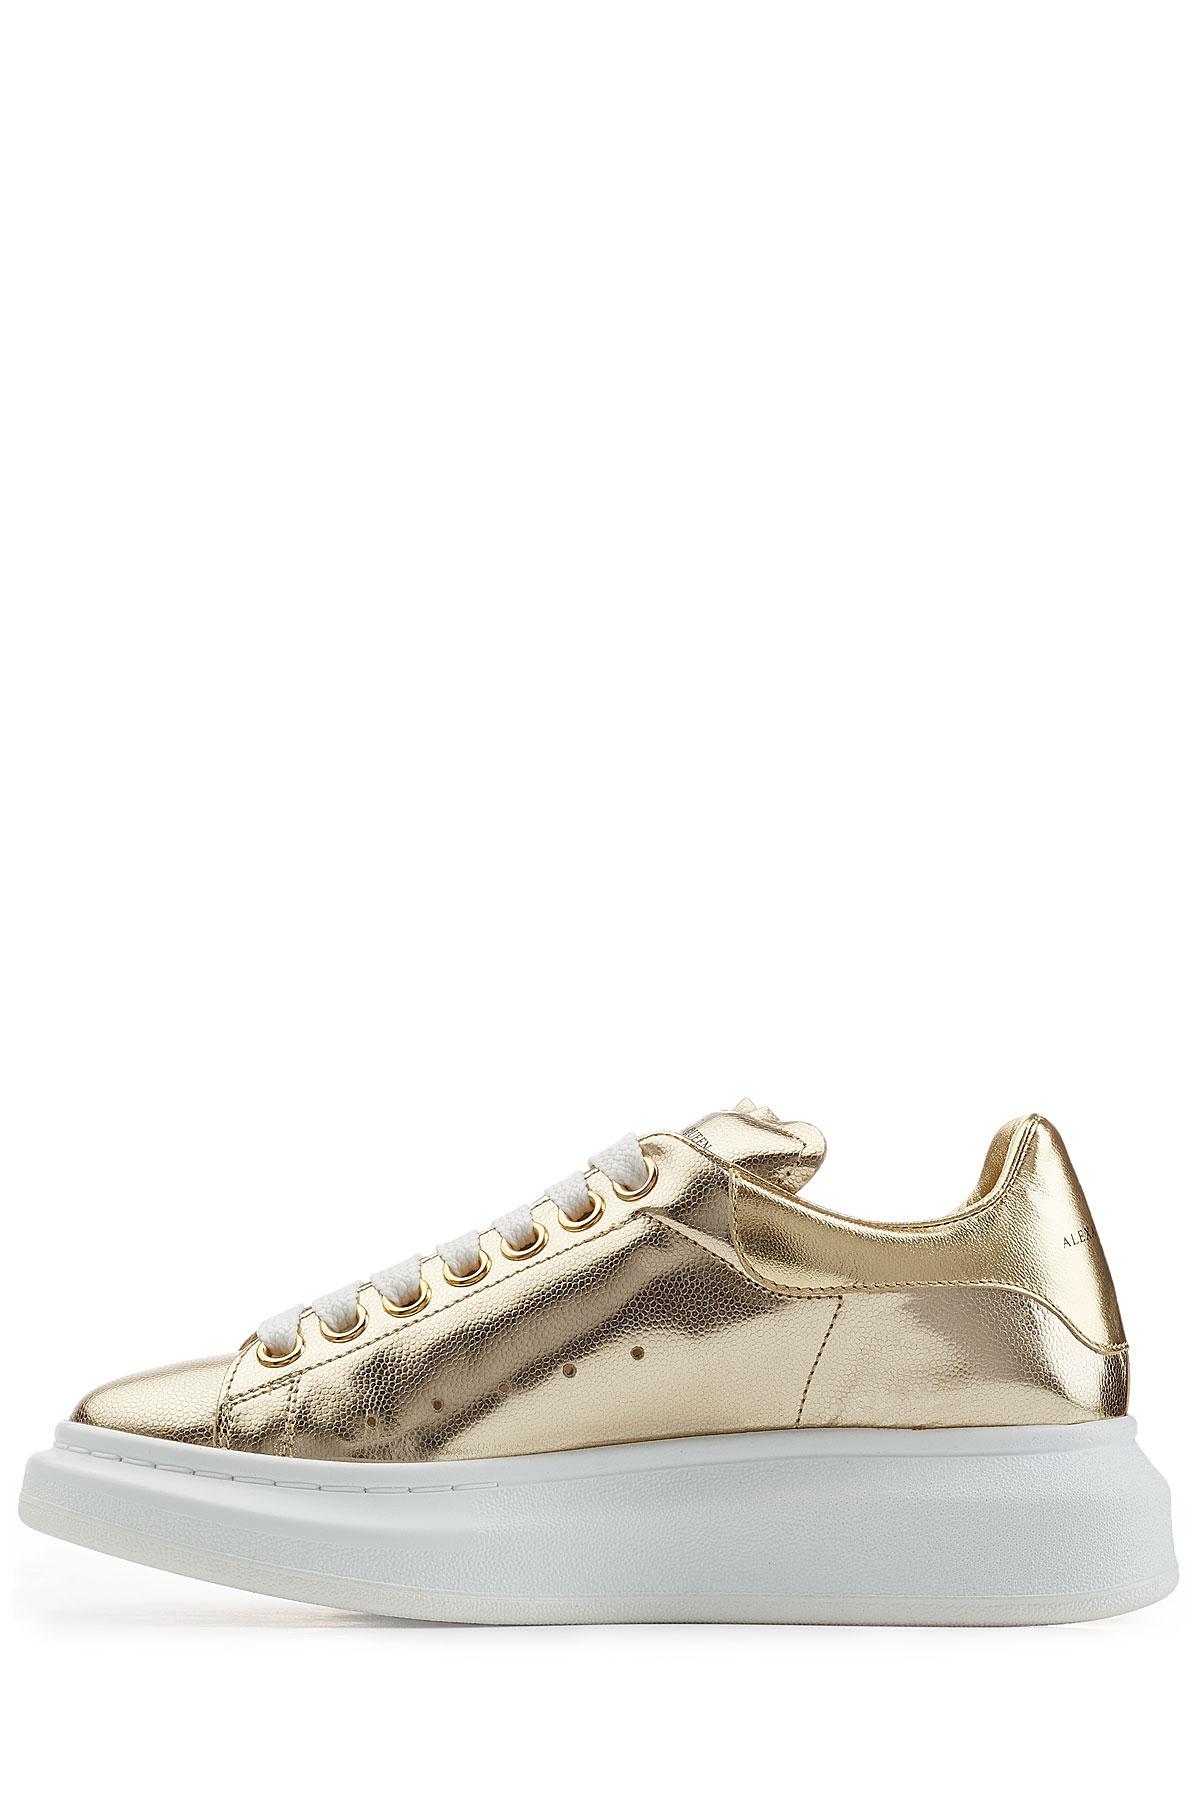 5d29738879e0c Lyst - Alexander McQueen Metallic Leather Sneakers - Gold in Metallic